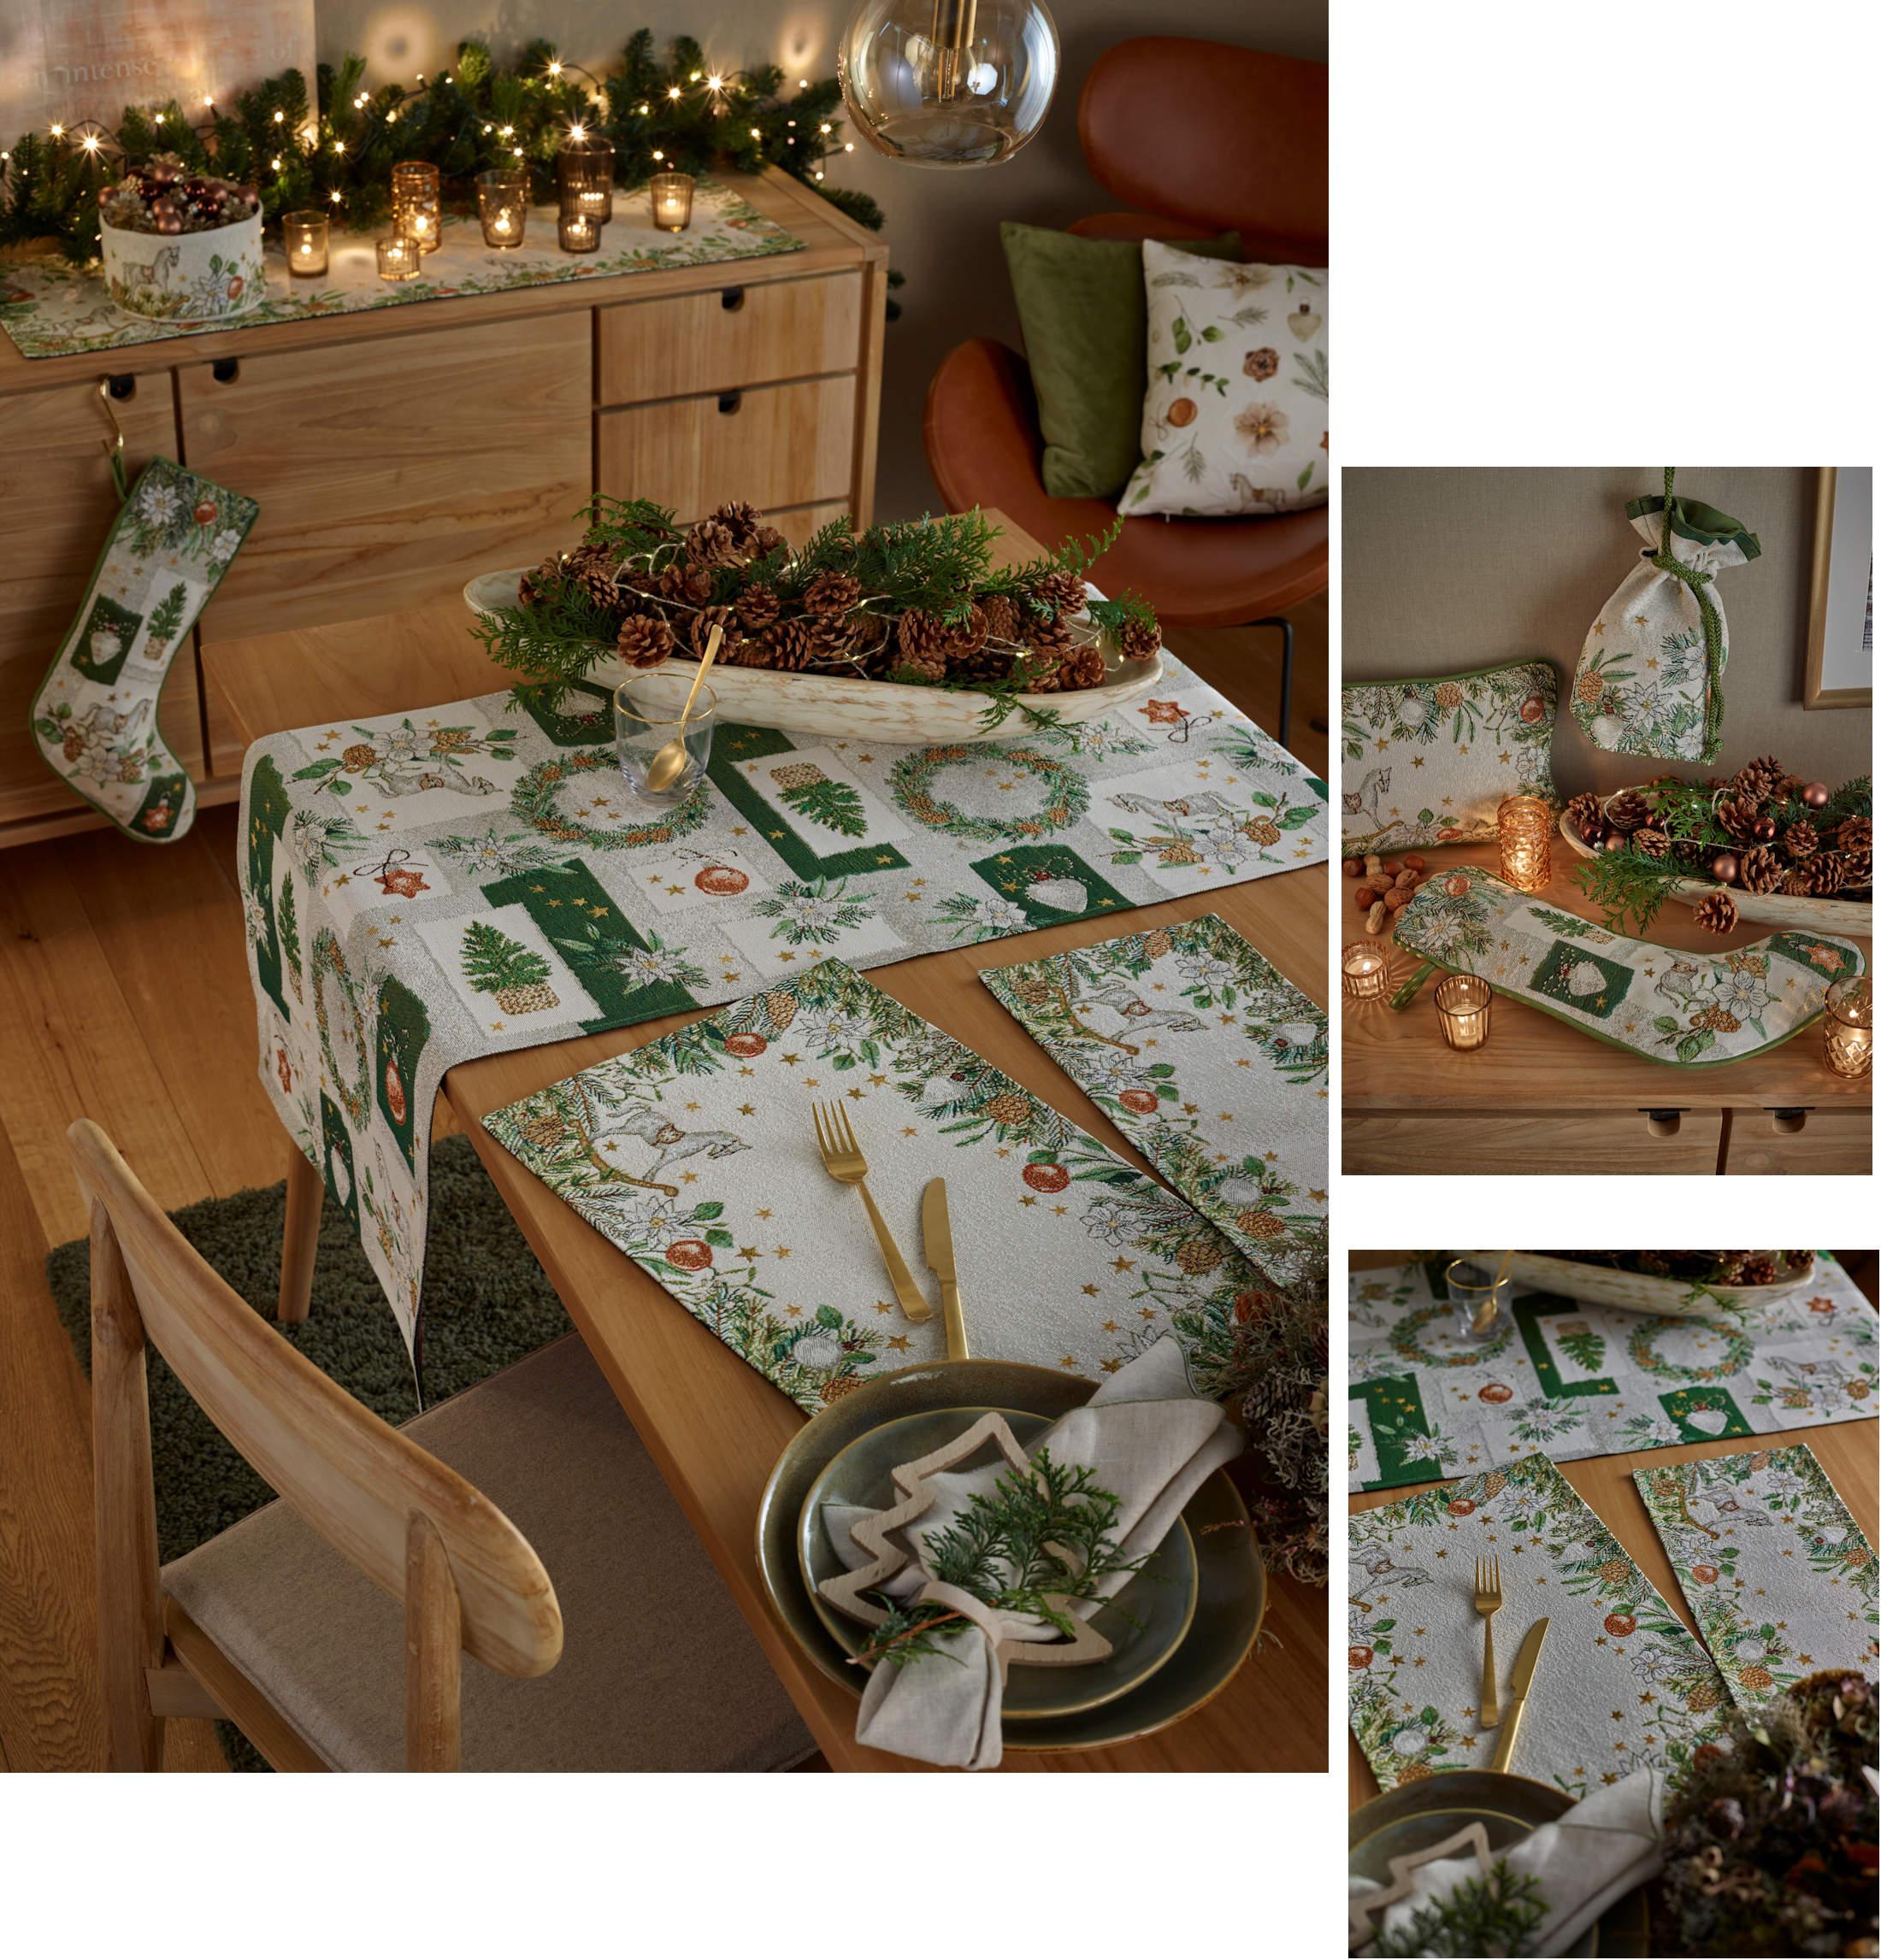 Weihnachtstischläufer und Weihnachtstischsets von Sander Tischwäsche